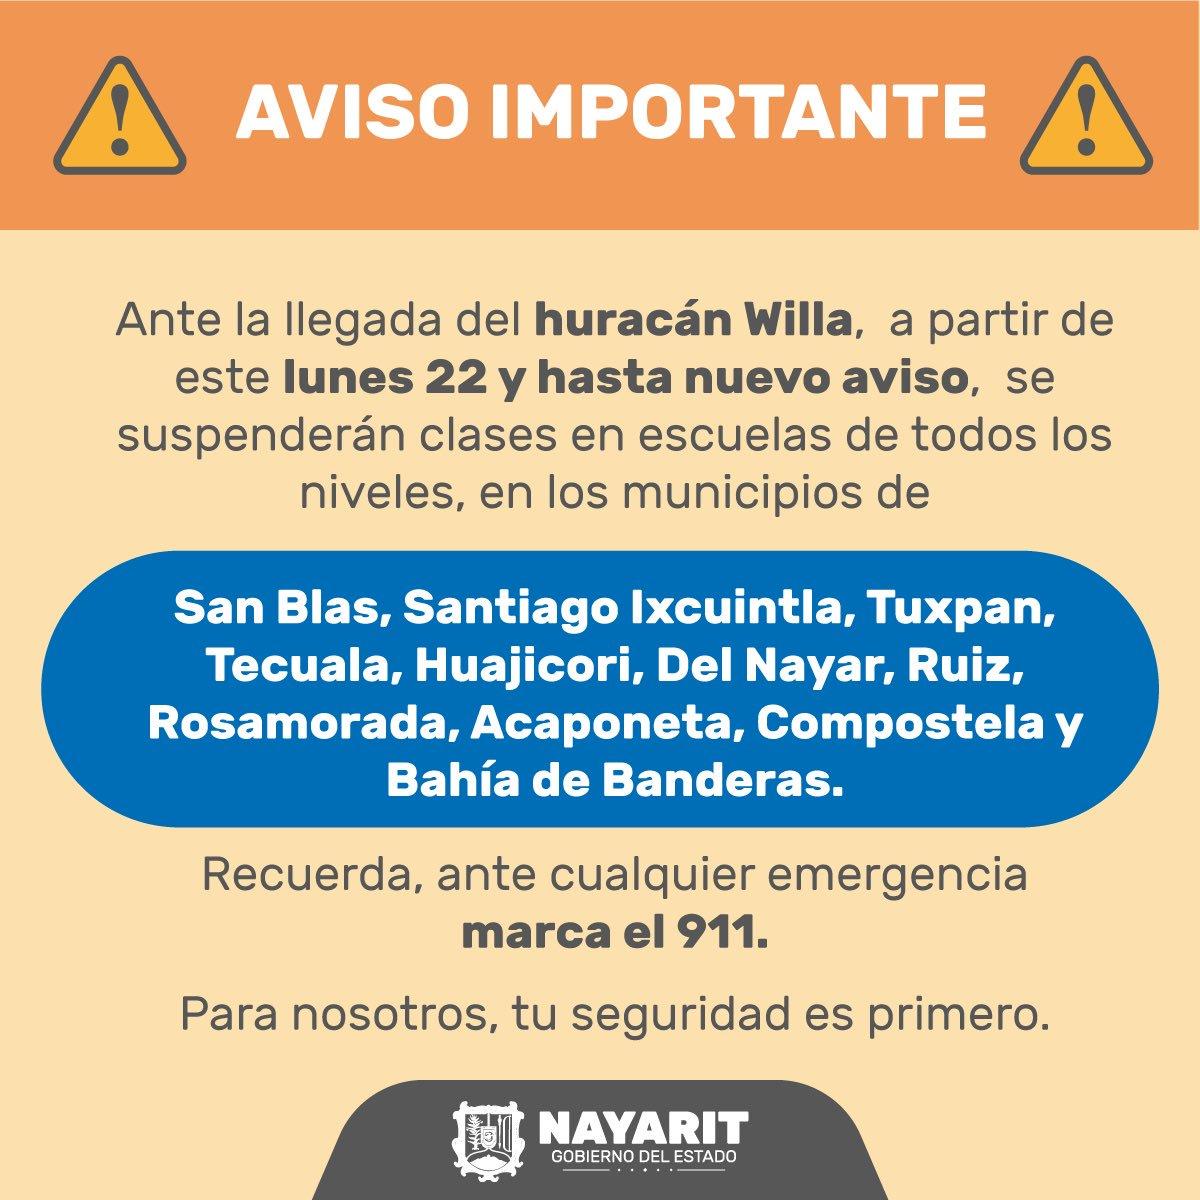 ⚠ AVISO ⚠  Vía @NayaritGobierno:  Actualización referente a la suspensión de clases por el huracán Willa.  ¡Ayúdanos a compartir!✅ https://t.co/xBxTgTP7J5